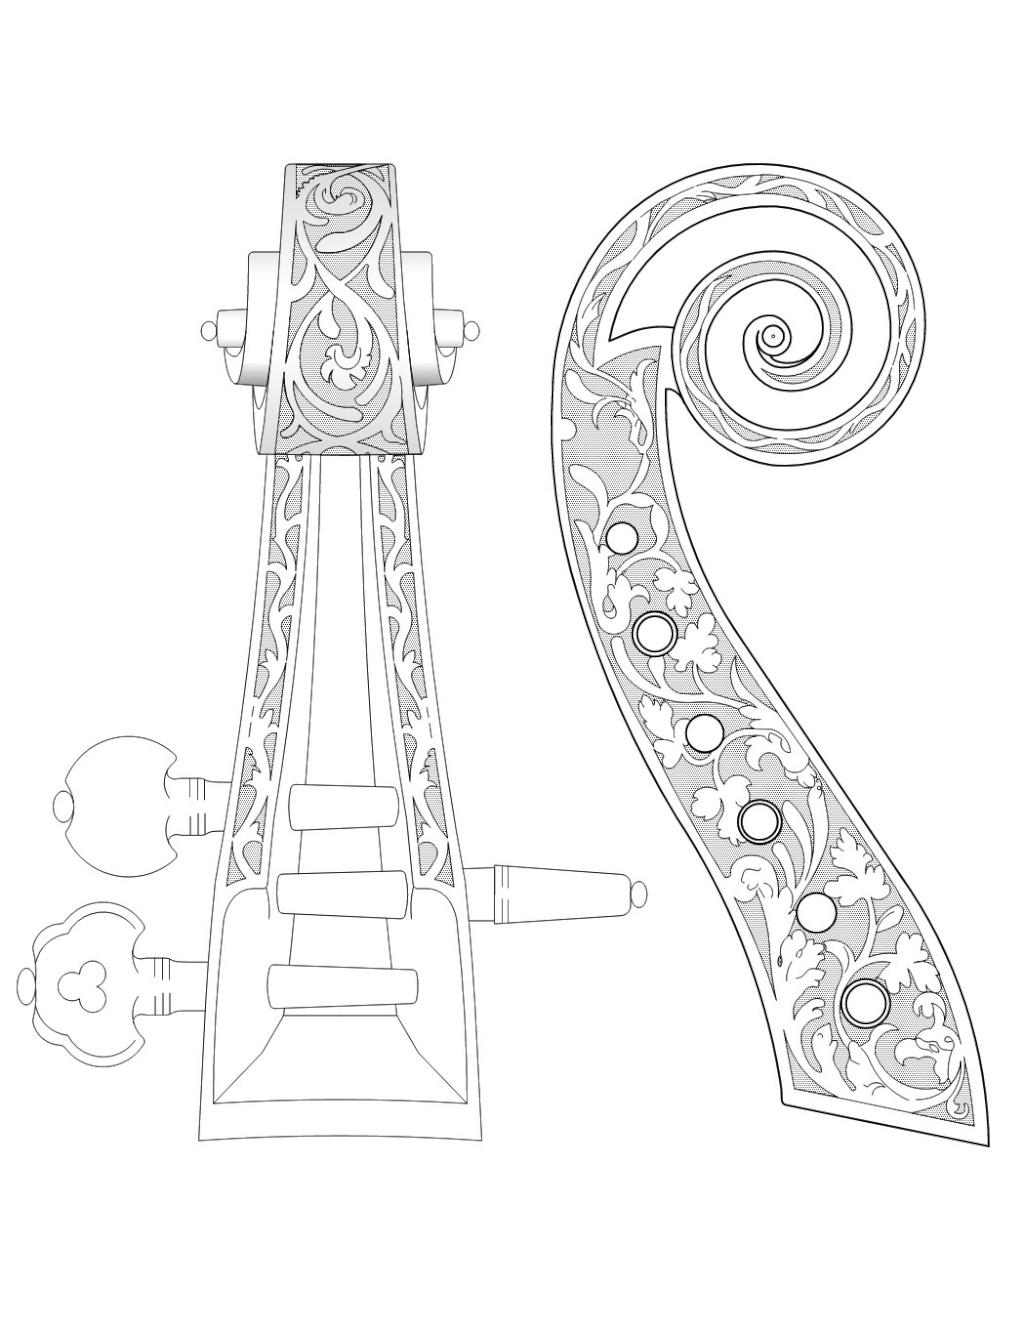 Dessiner une spirale de cornu ou clotho de - Dessiner un violon ...